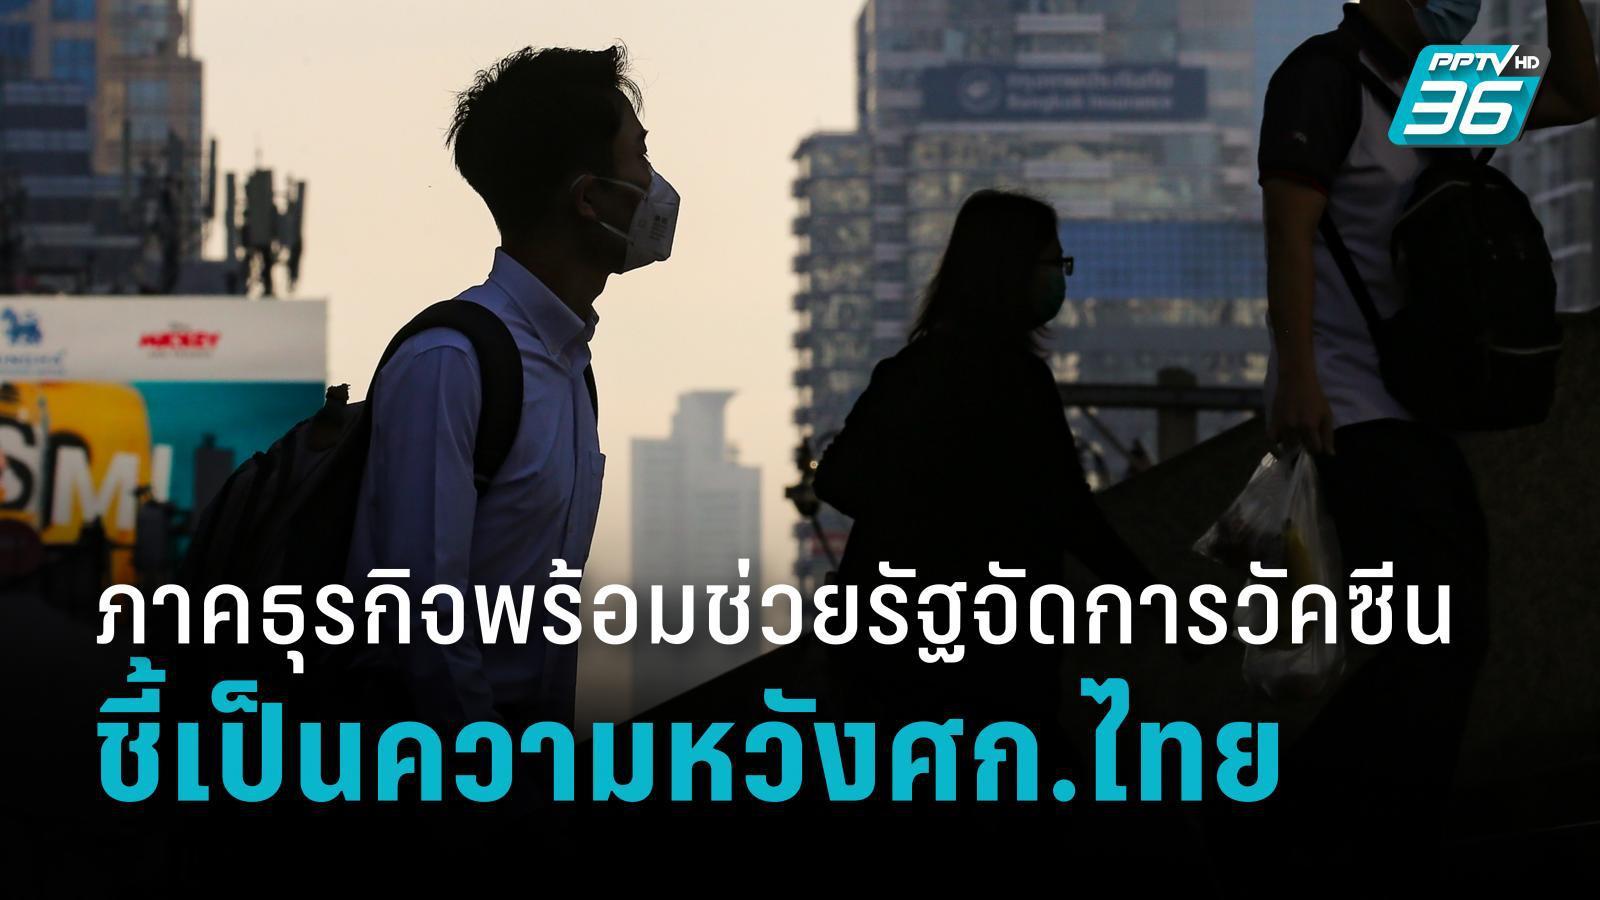 ภาคธุรกิจเร่งรัฐ วางโรดแมปบริหารวัคซีนโควิด-19  พร้อมให้ความช่วยเหลือฟื้นเศรษฐกิจไทย